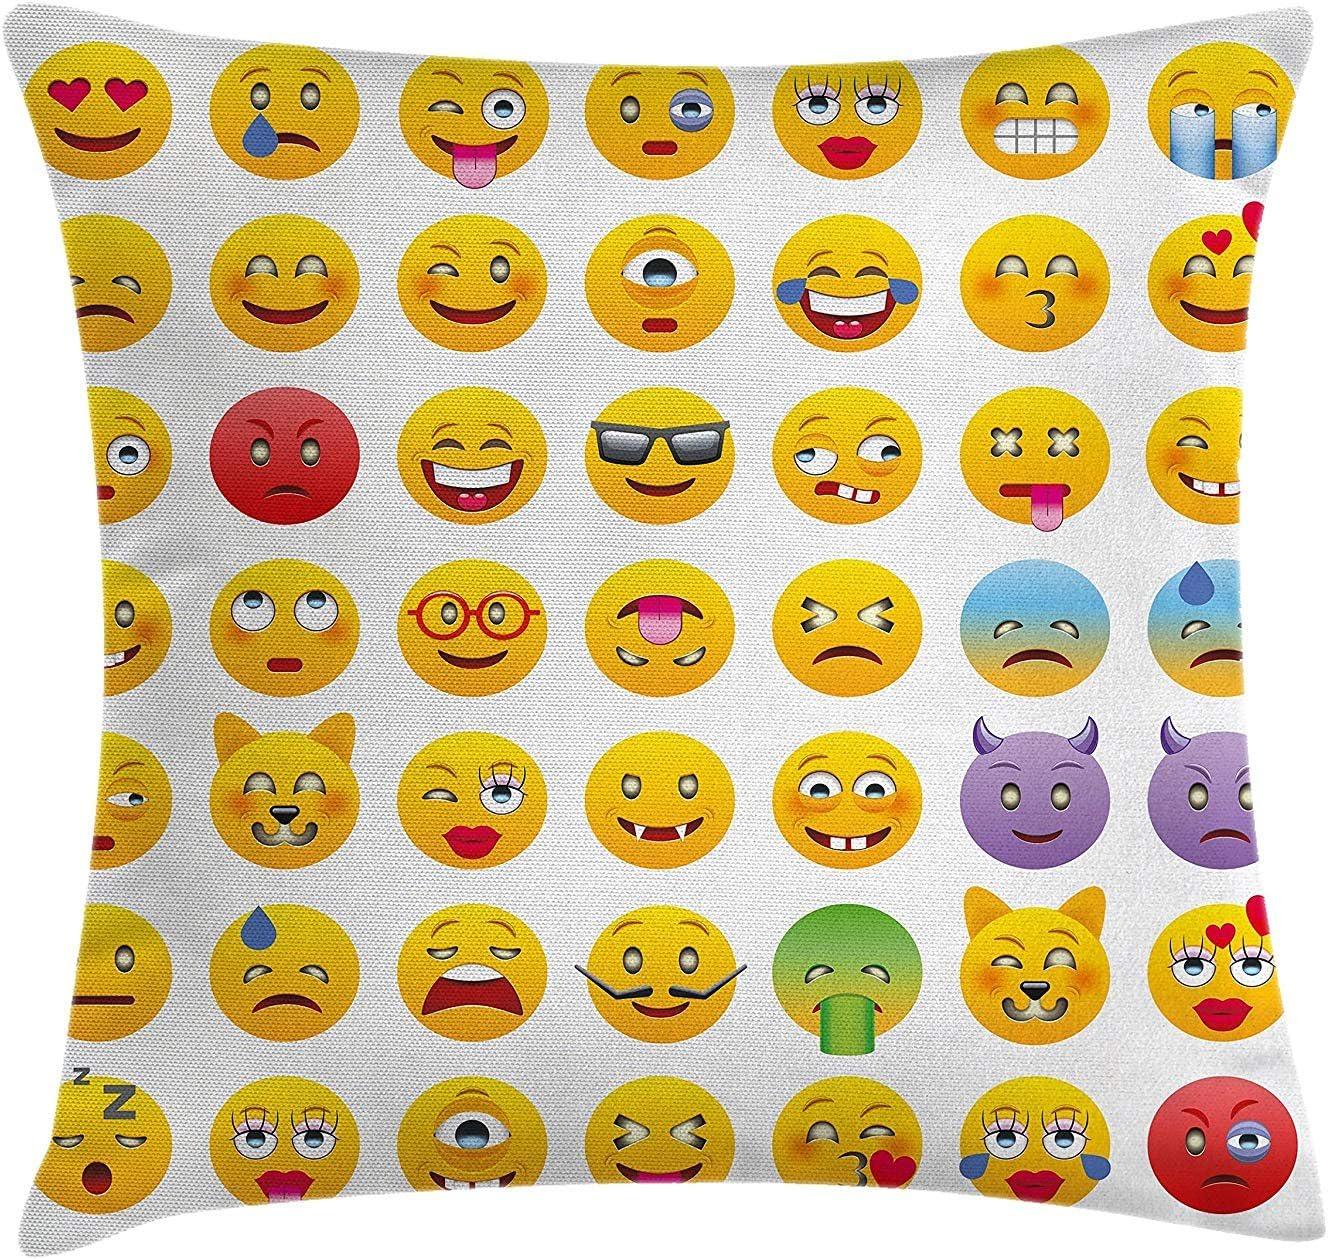 Rainbow Space Emoji Pillow Cushion